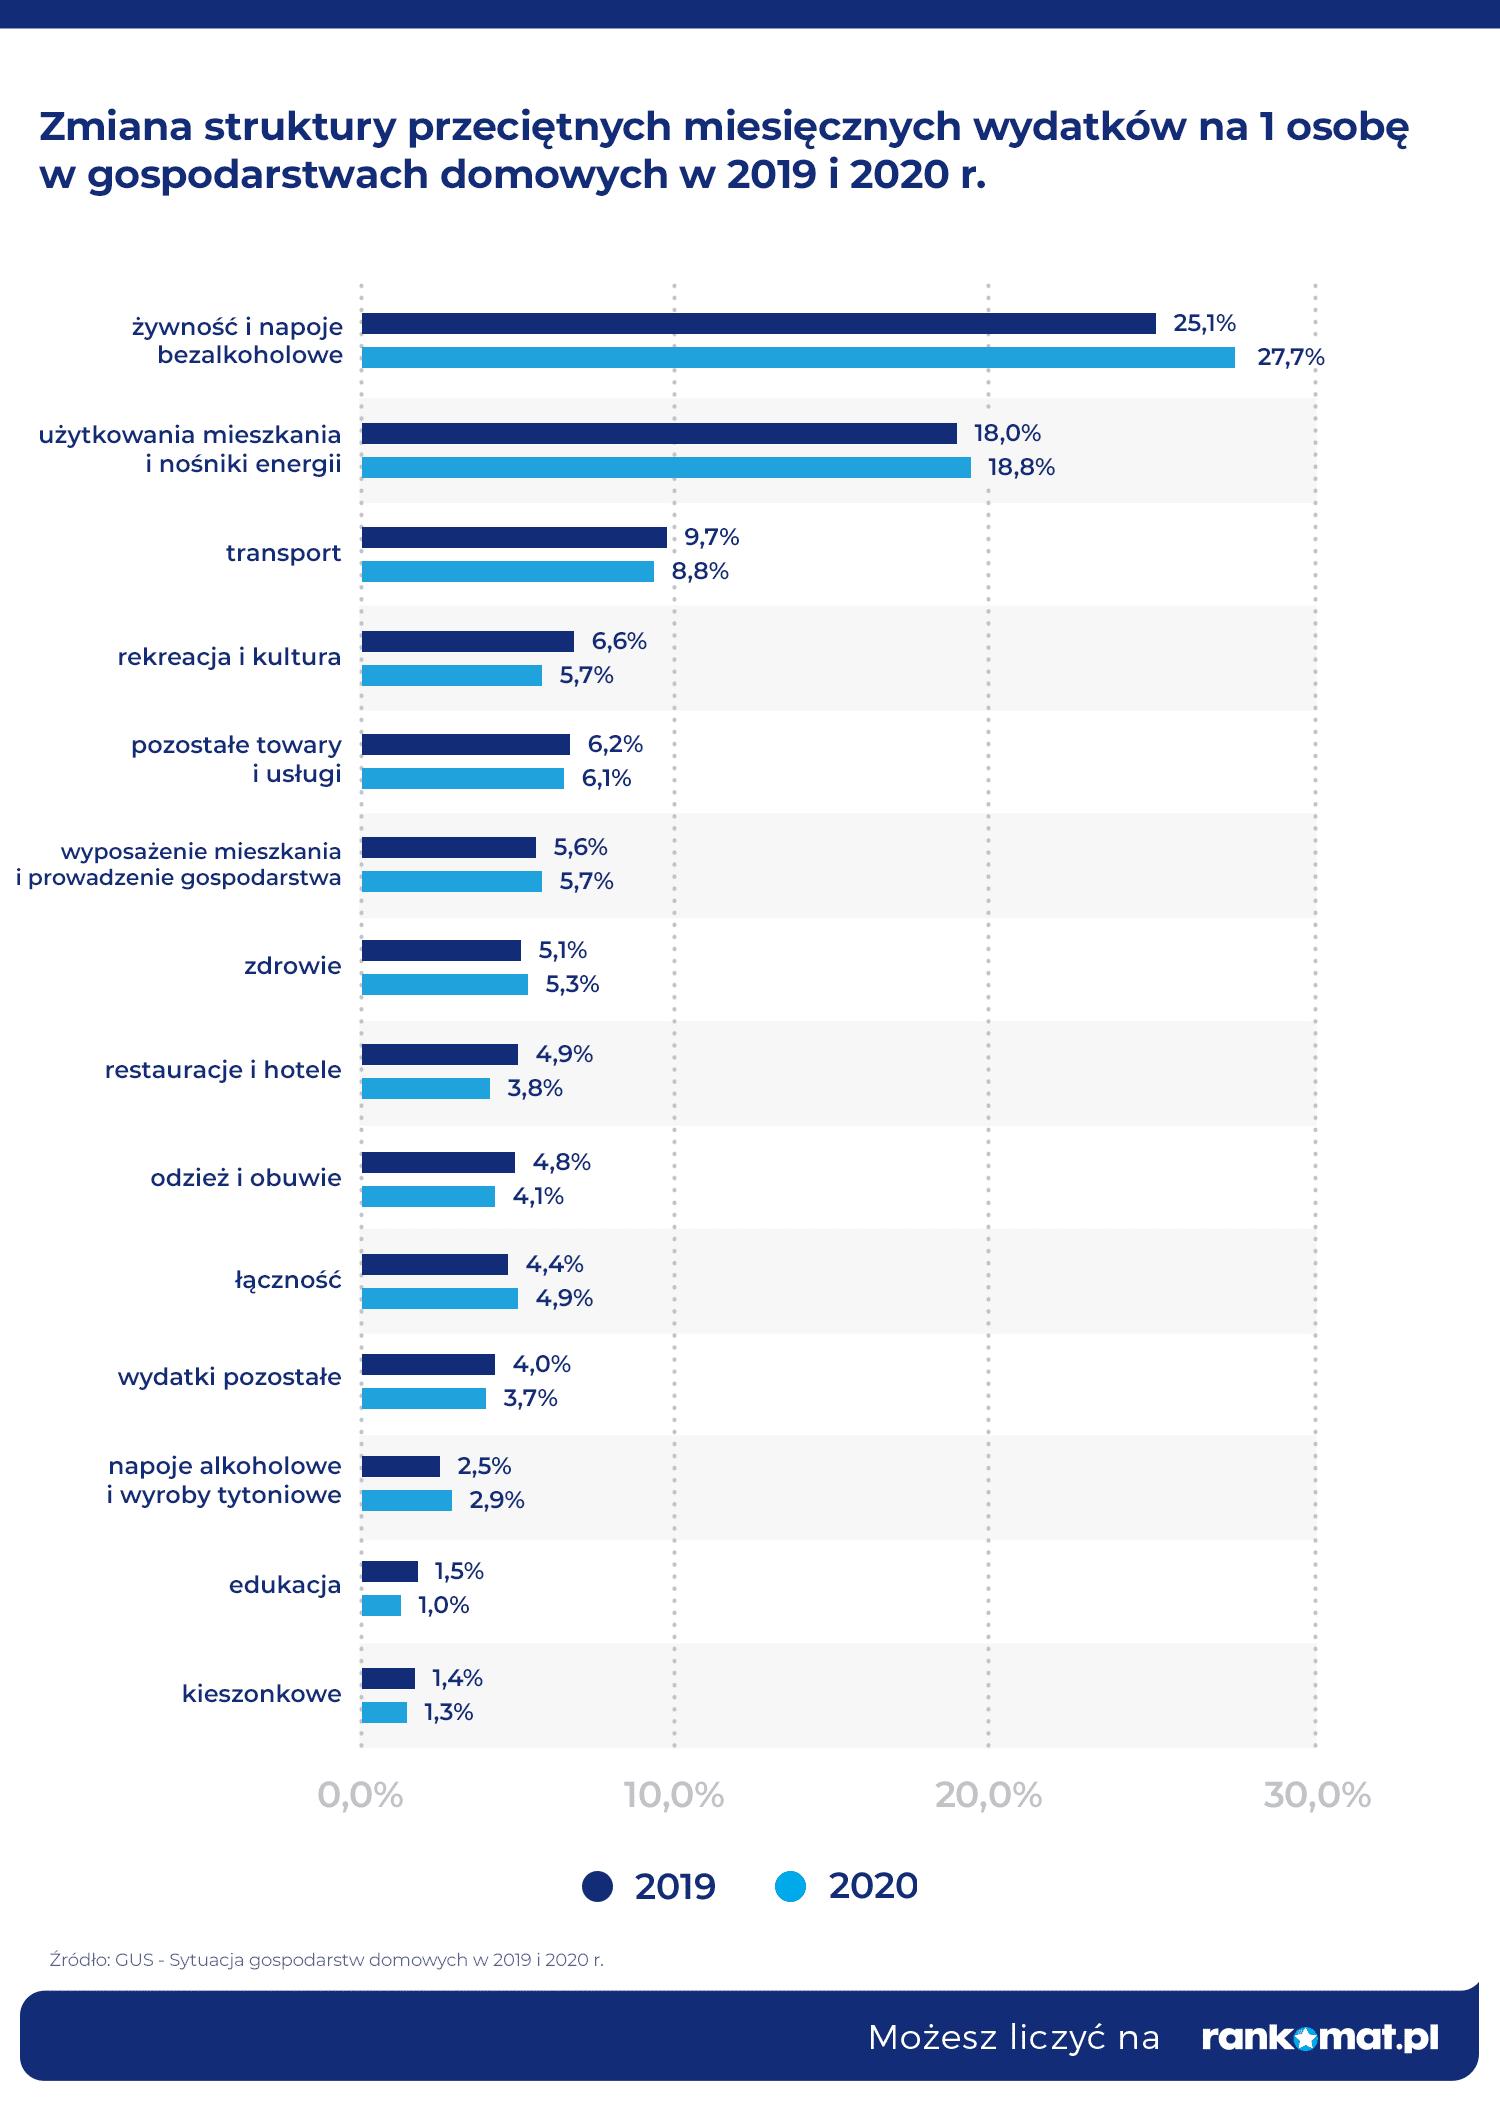 Zmiana struktury przeciętnych miesięcznych wydatków na 1 osobę